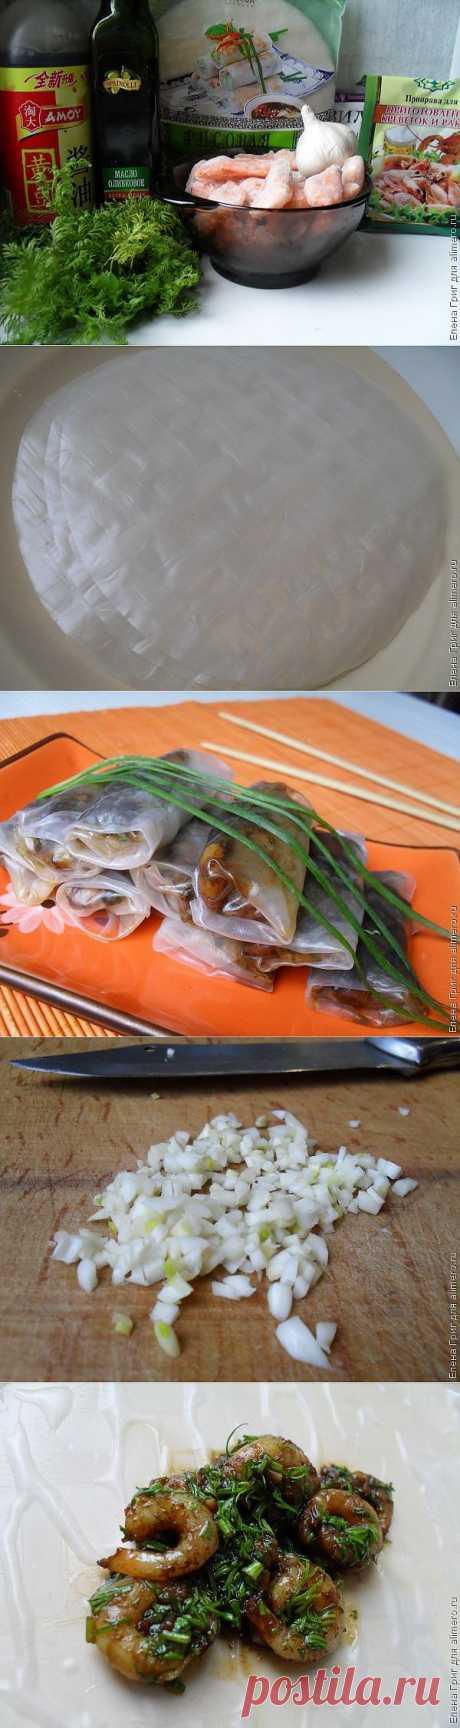 Спринг роллы с креветками / Рецепты с фото